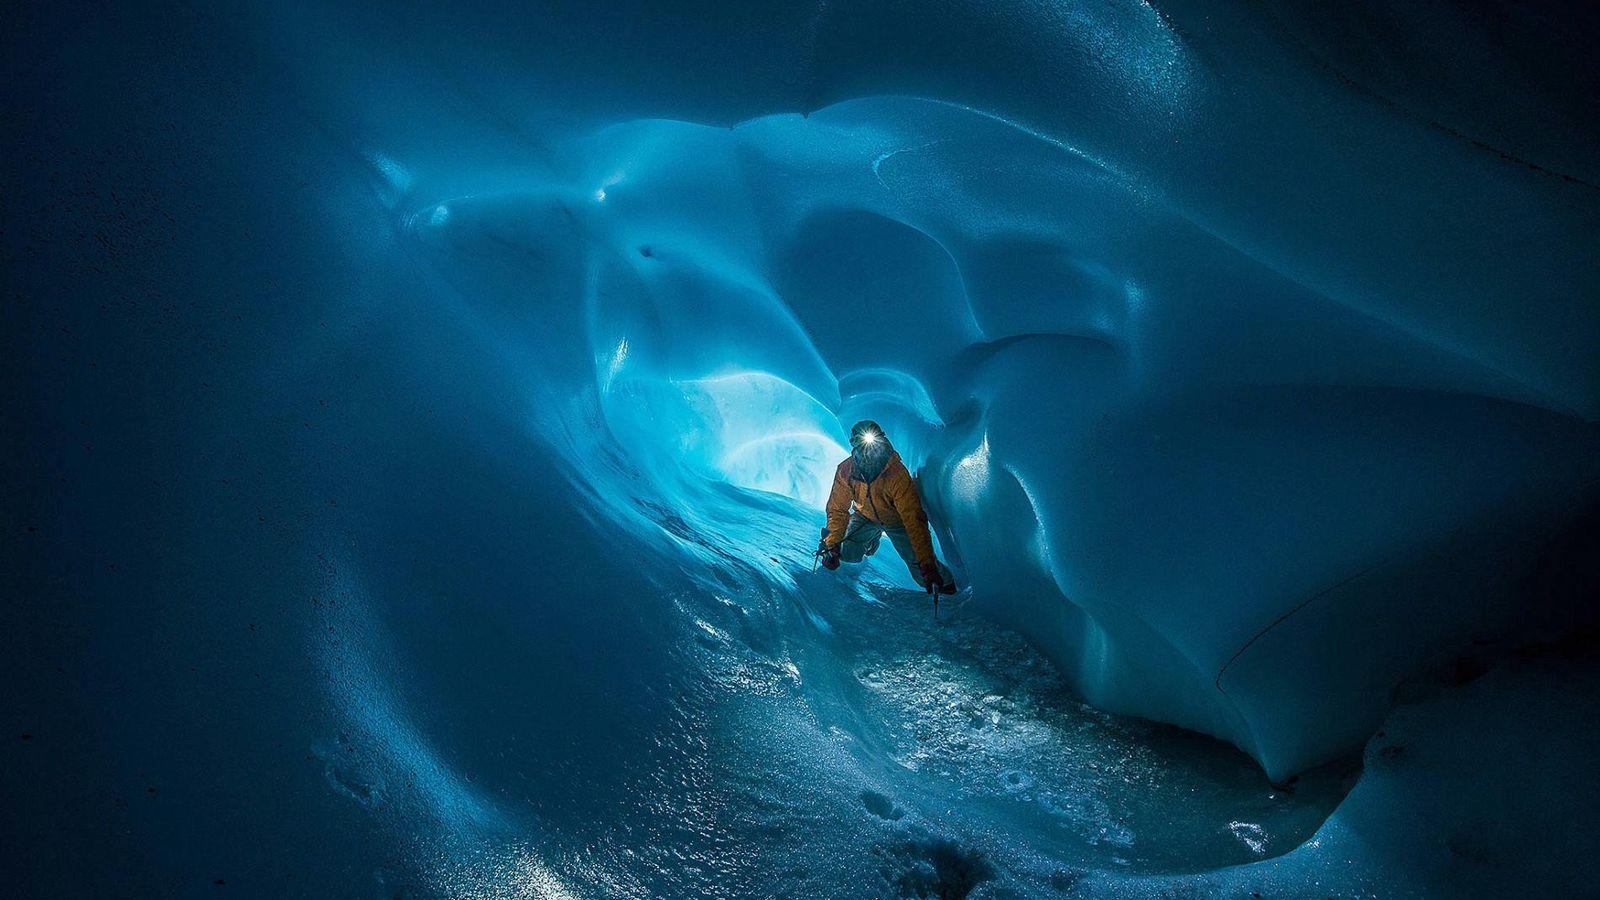 James Frystak, miembro del Mount Rainier Fumarole Cave Expedition, en el camino principal de una cueva ...